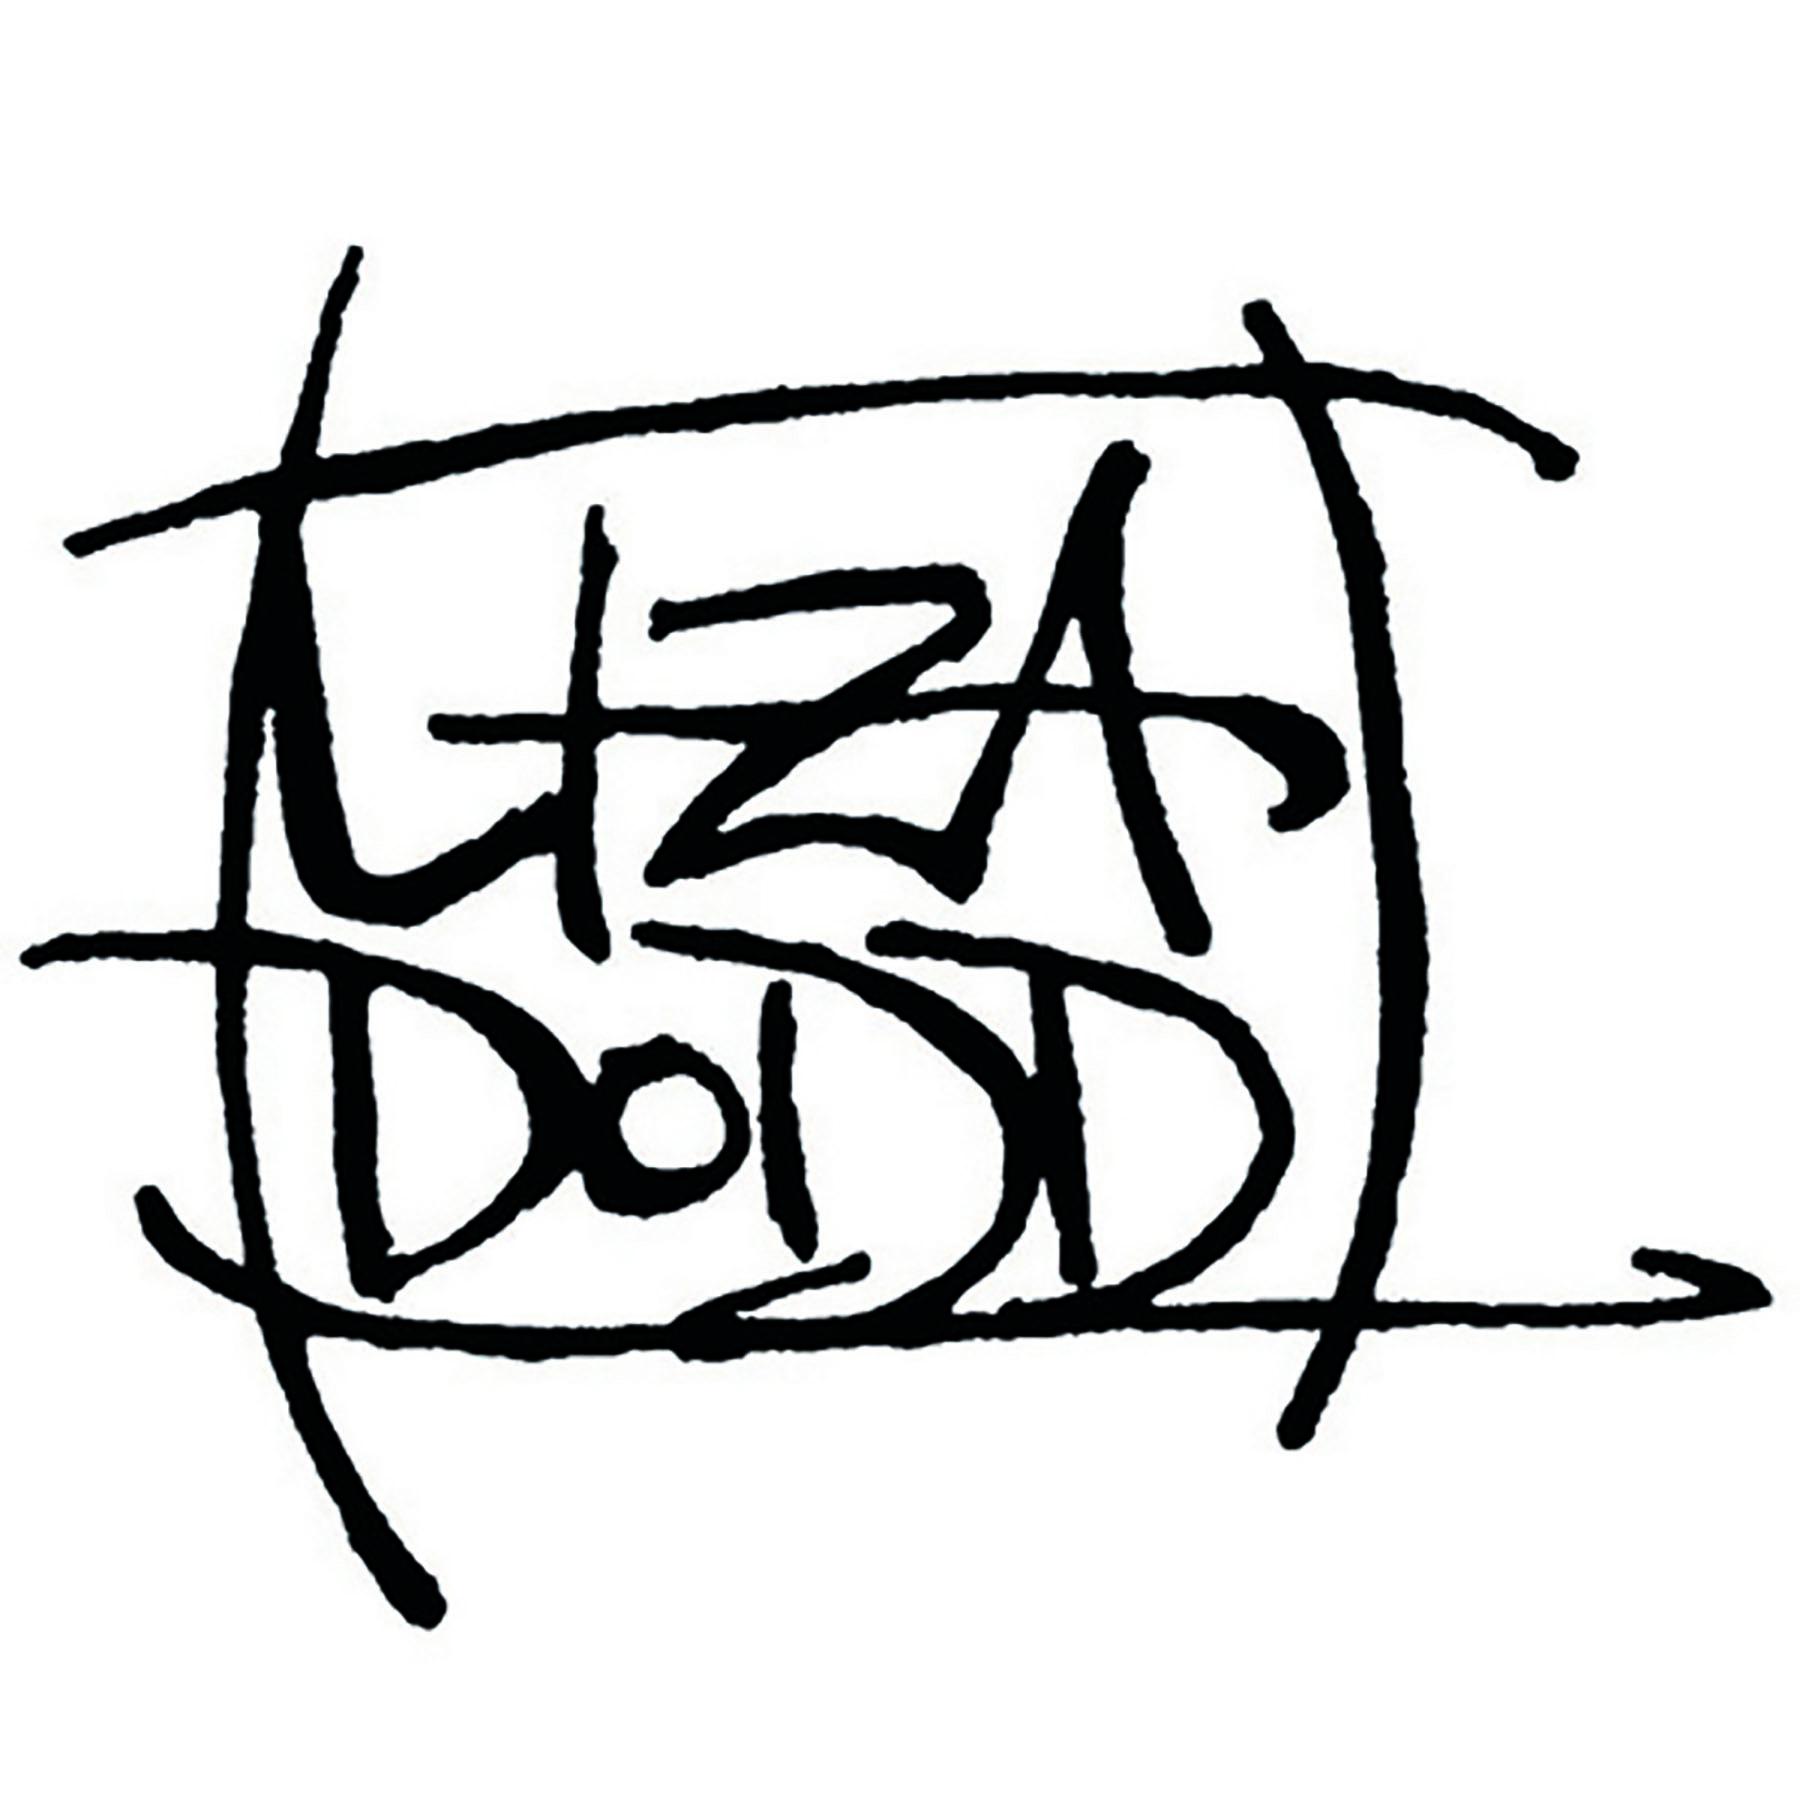 Liza Dodd's Signature